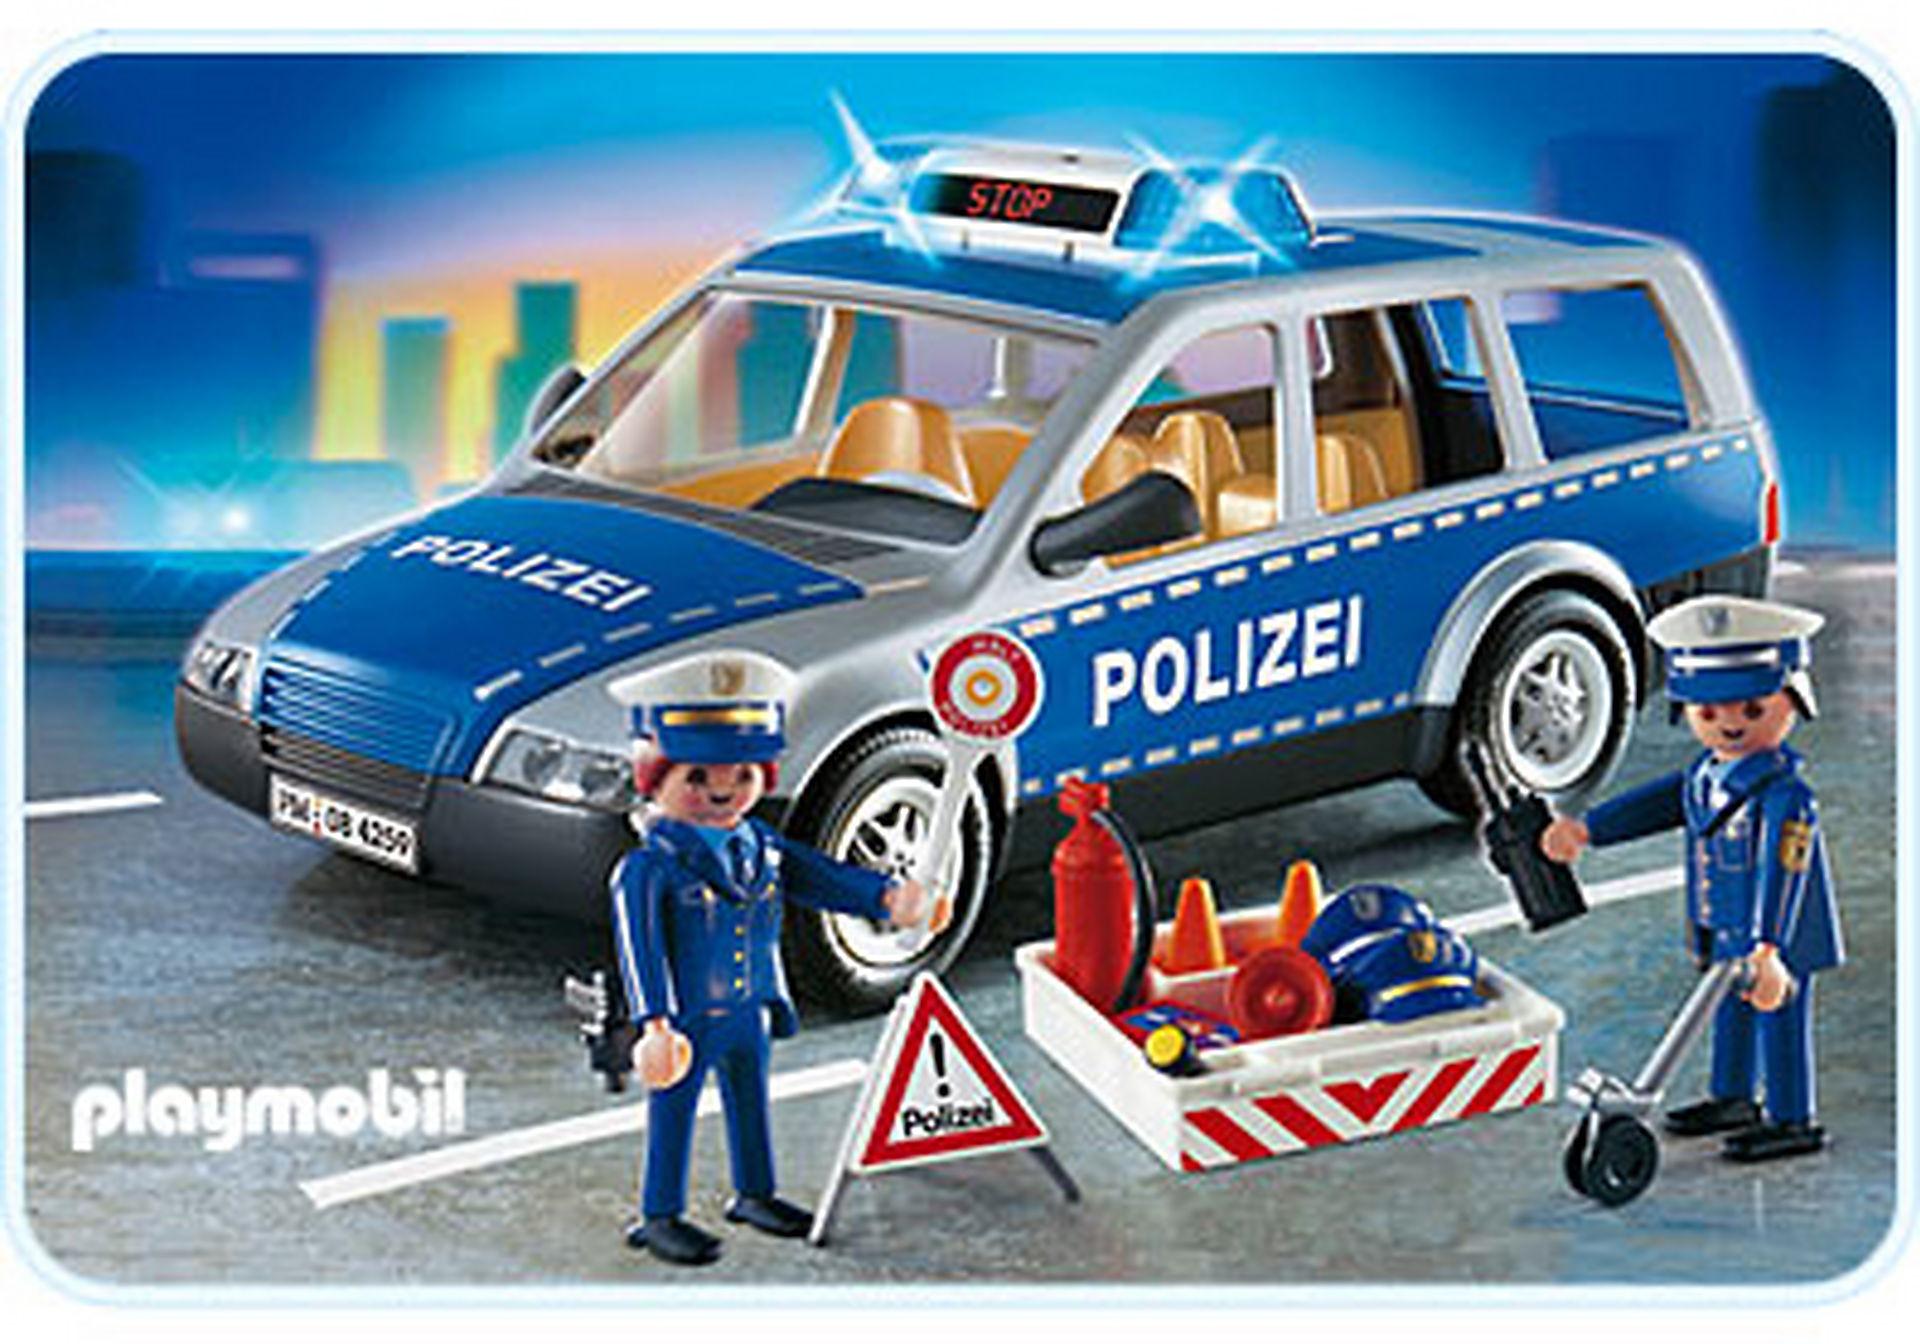 4259-A Polizei-Einsatzwagen zoom image1